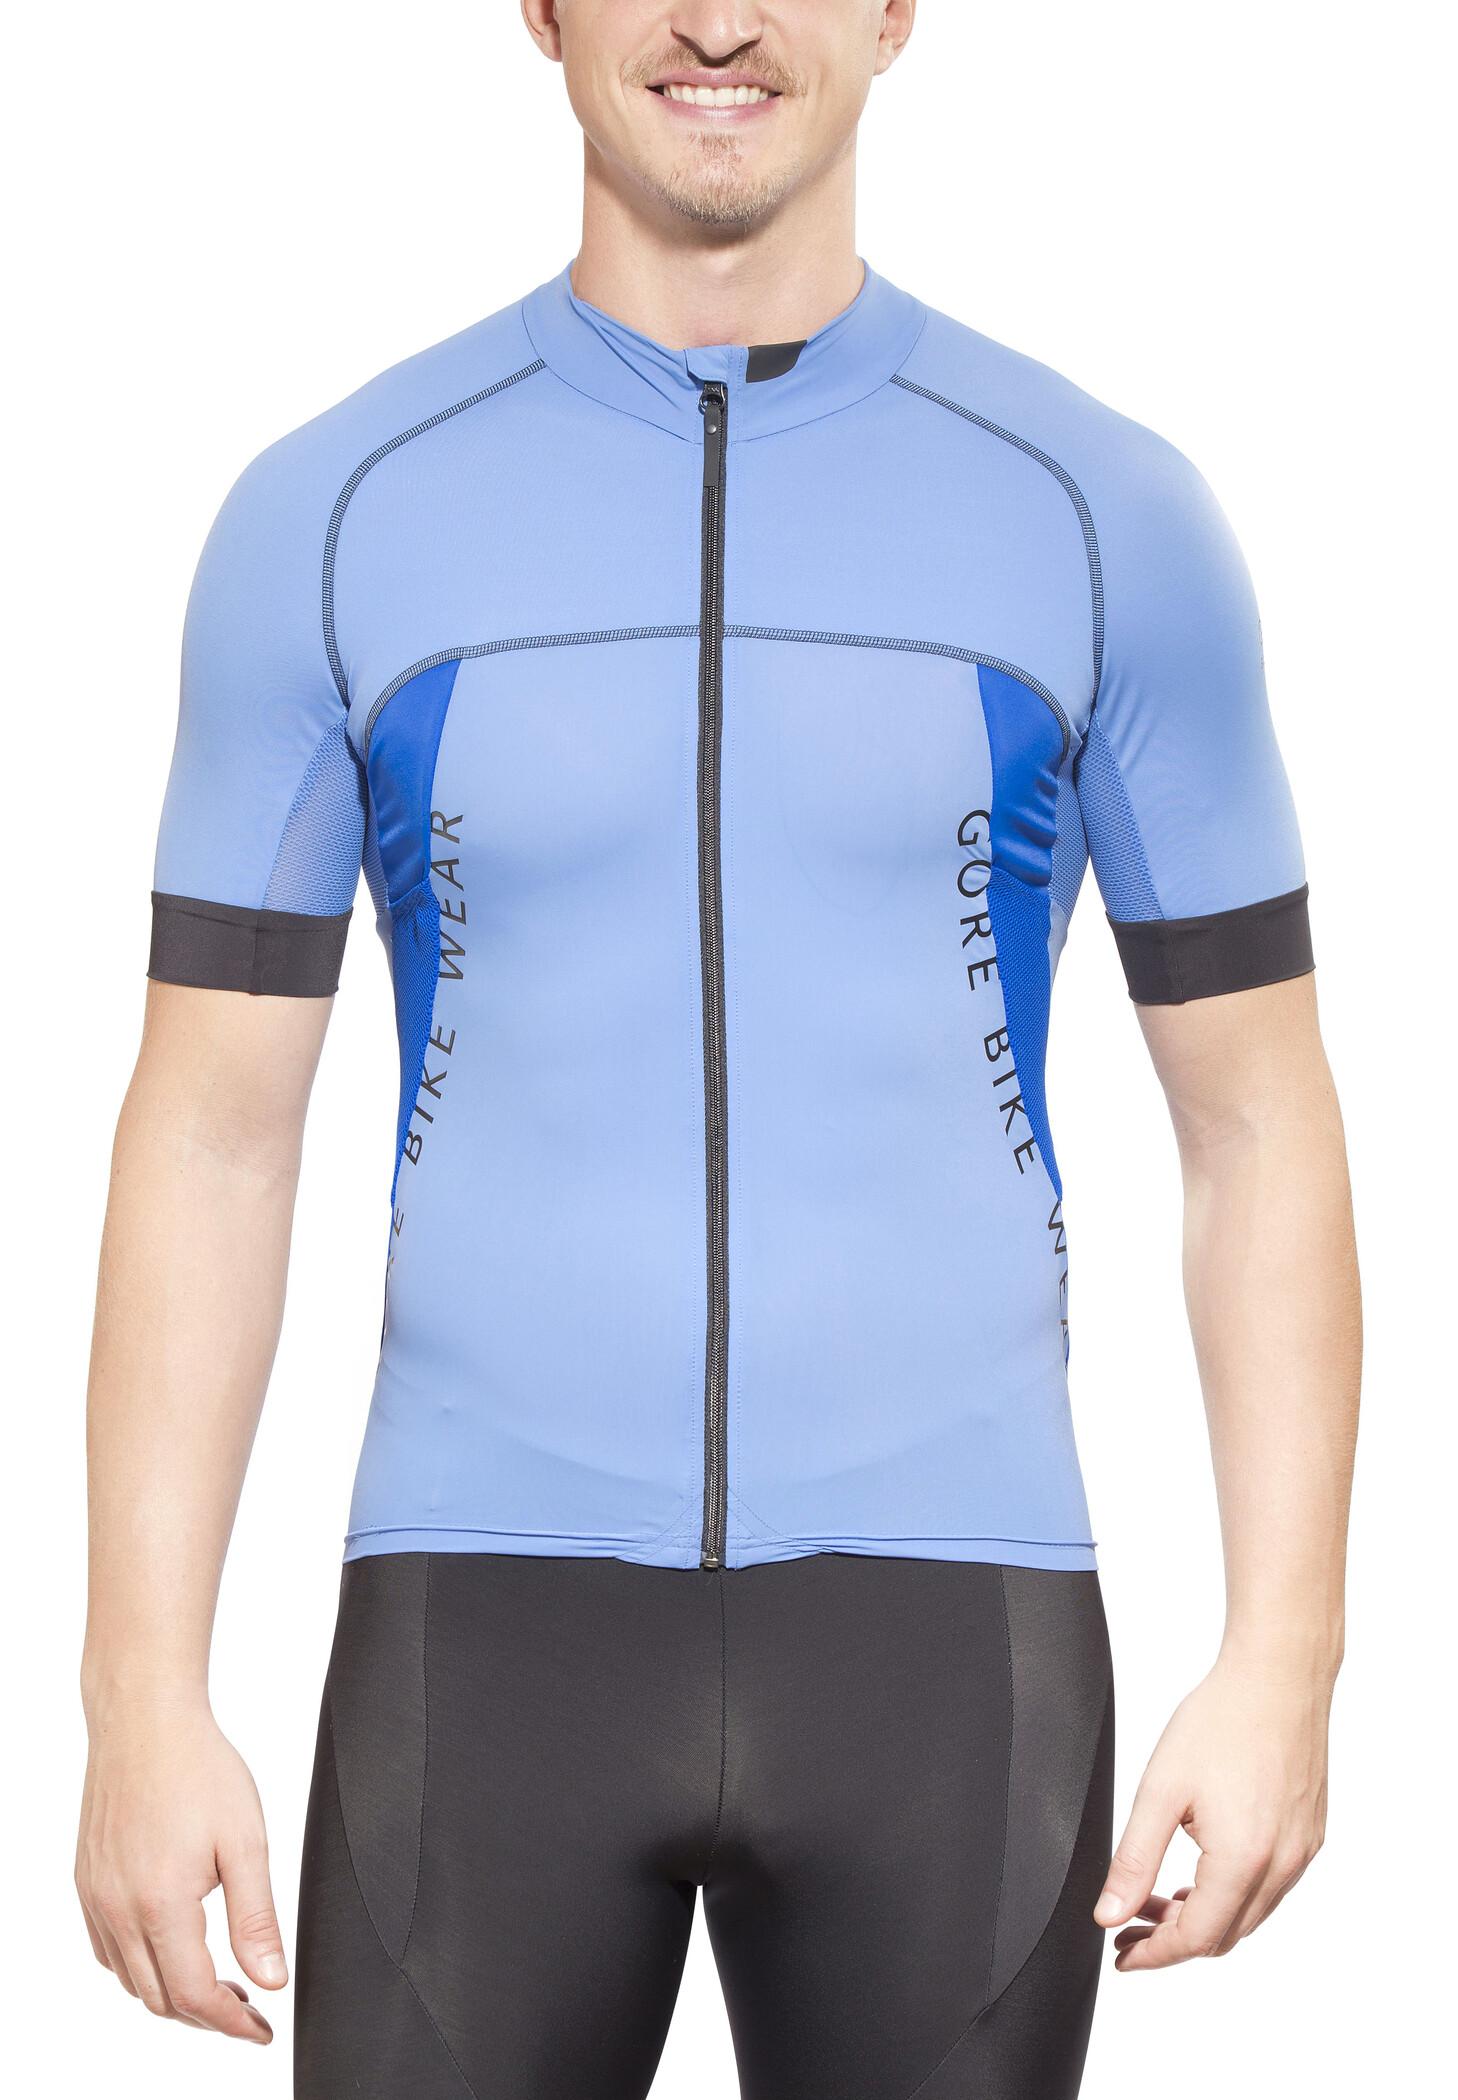 GORE BIKE WEAR ALP-X PRO Cykeltrøje Herrer, blizzard blue/brilliant blue | Jerseys